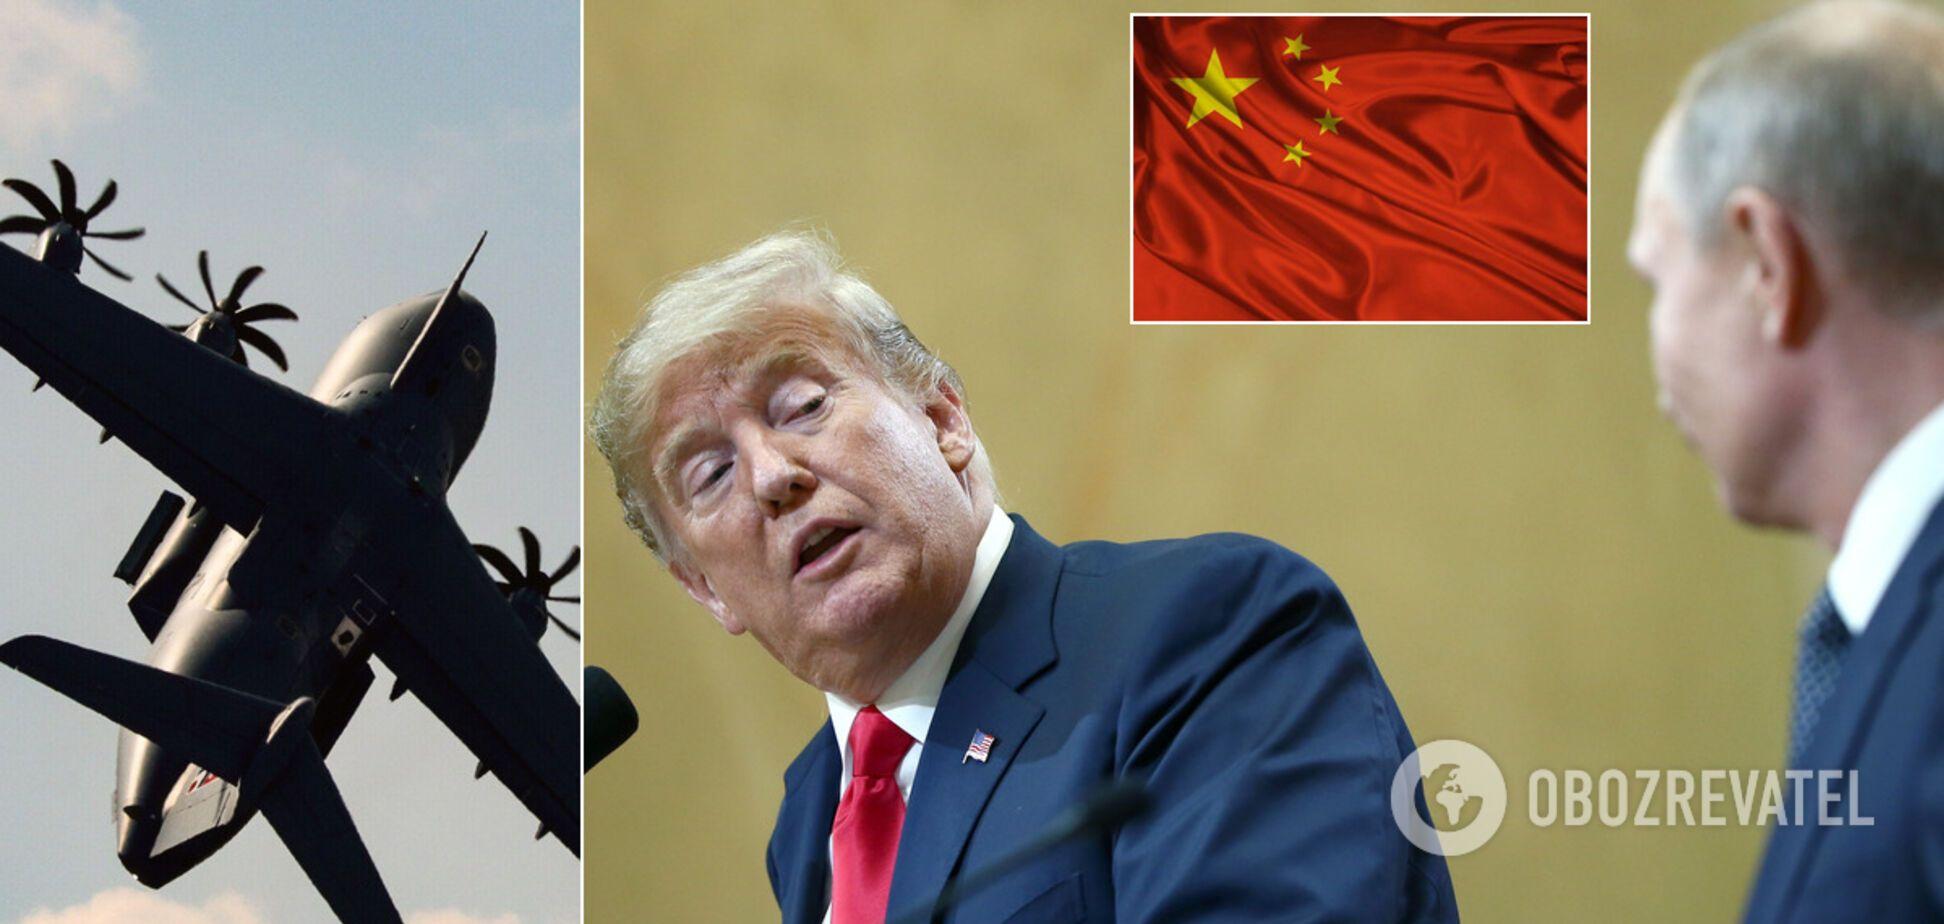 США разрывают 'открытое небо' с Россией: какие последствия для мира и при чем тут Китай